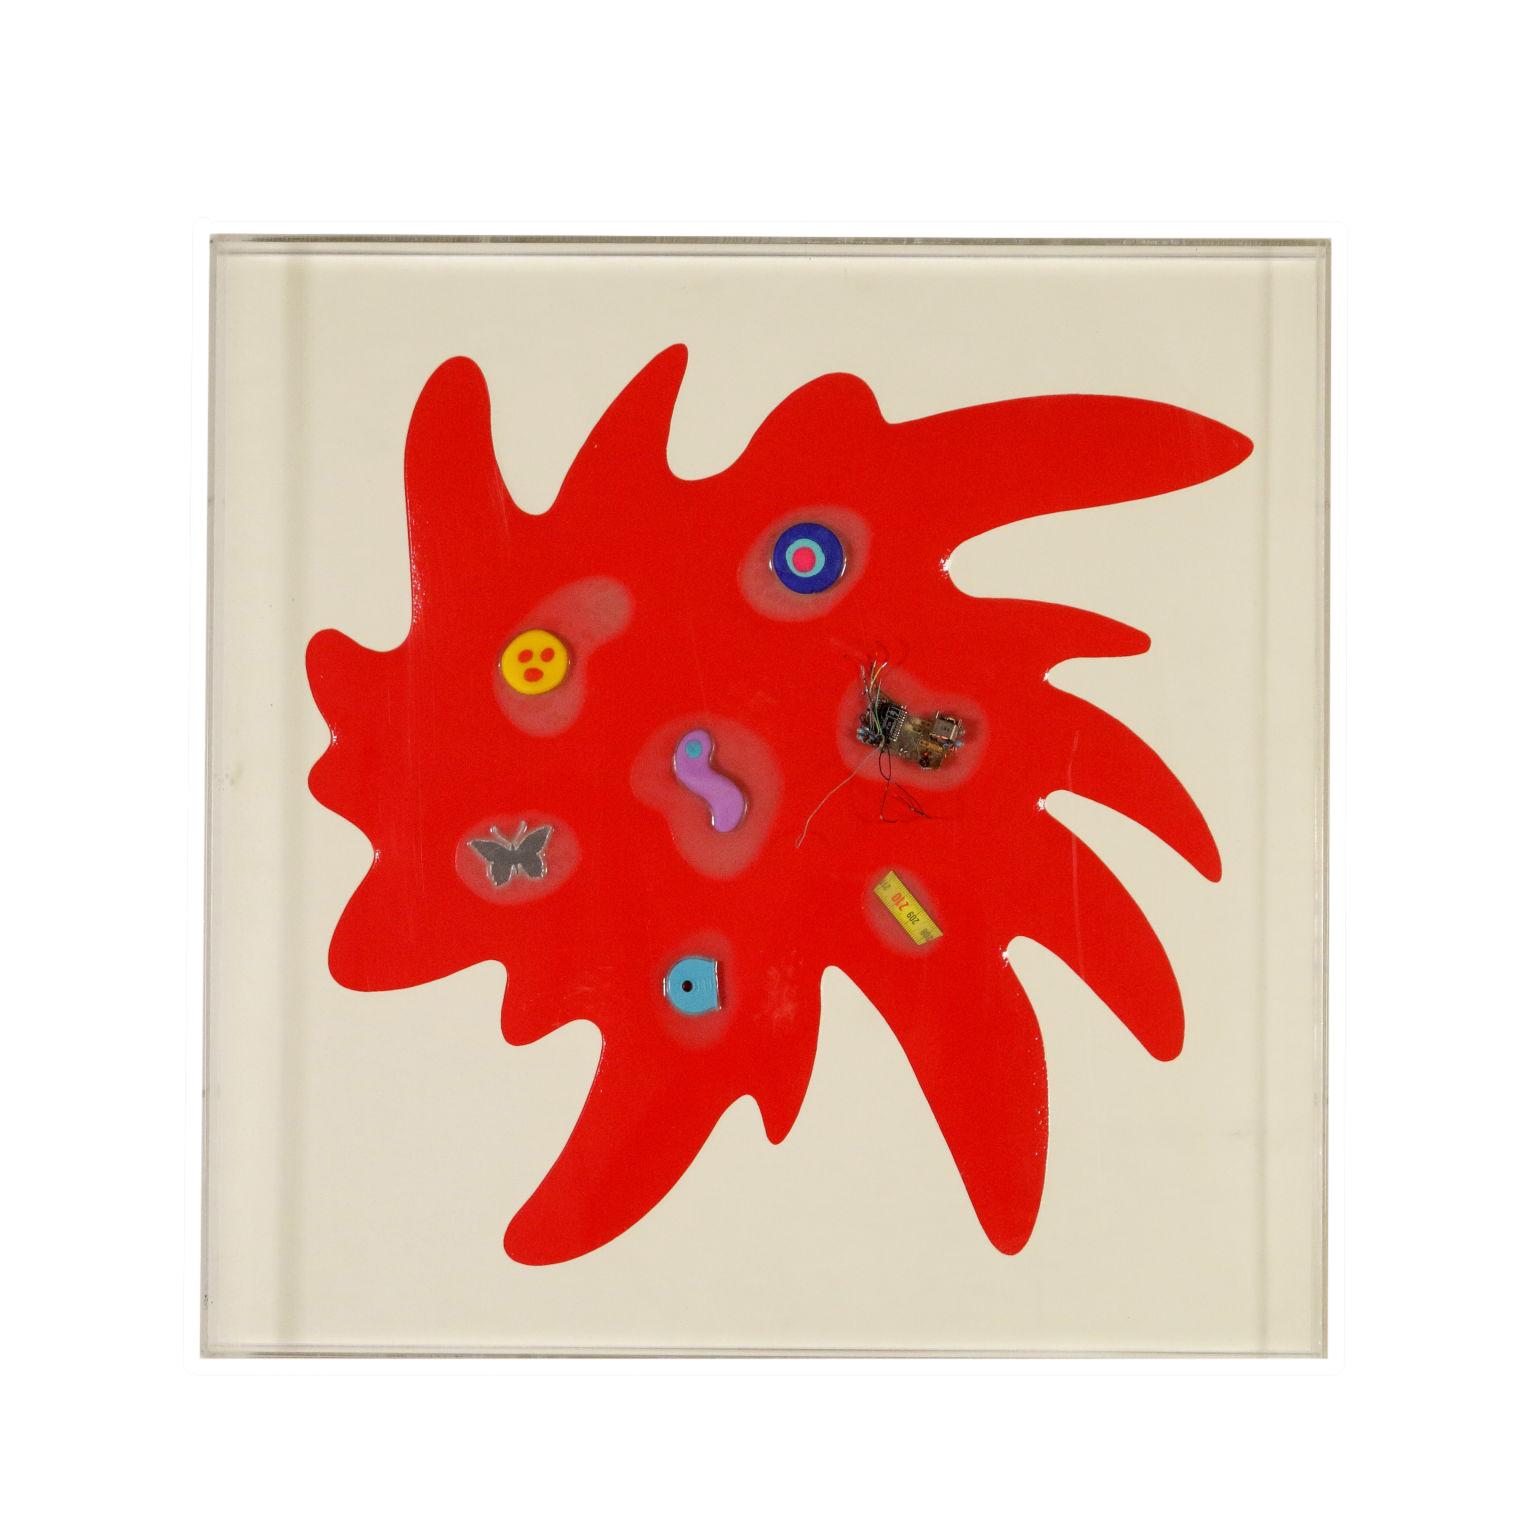 Das werk von Renzo Nucara - Zeitgenössische - Kunst - dimanoinmano.it